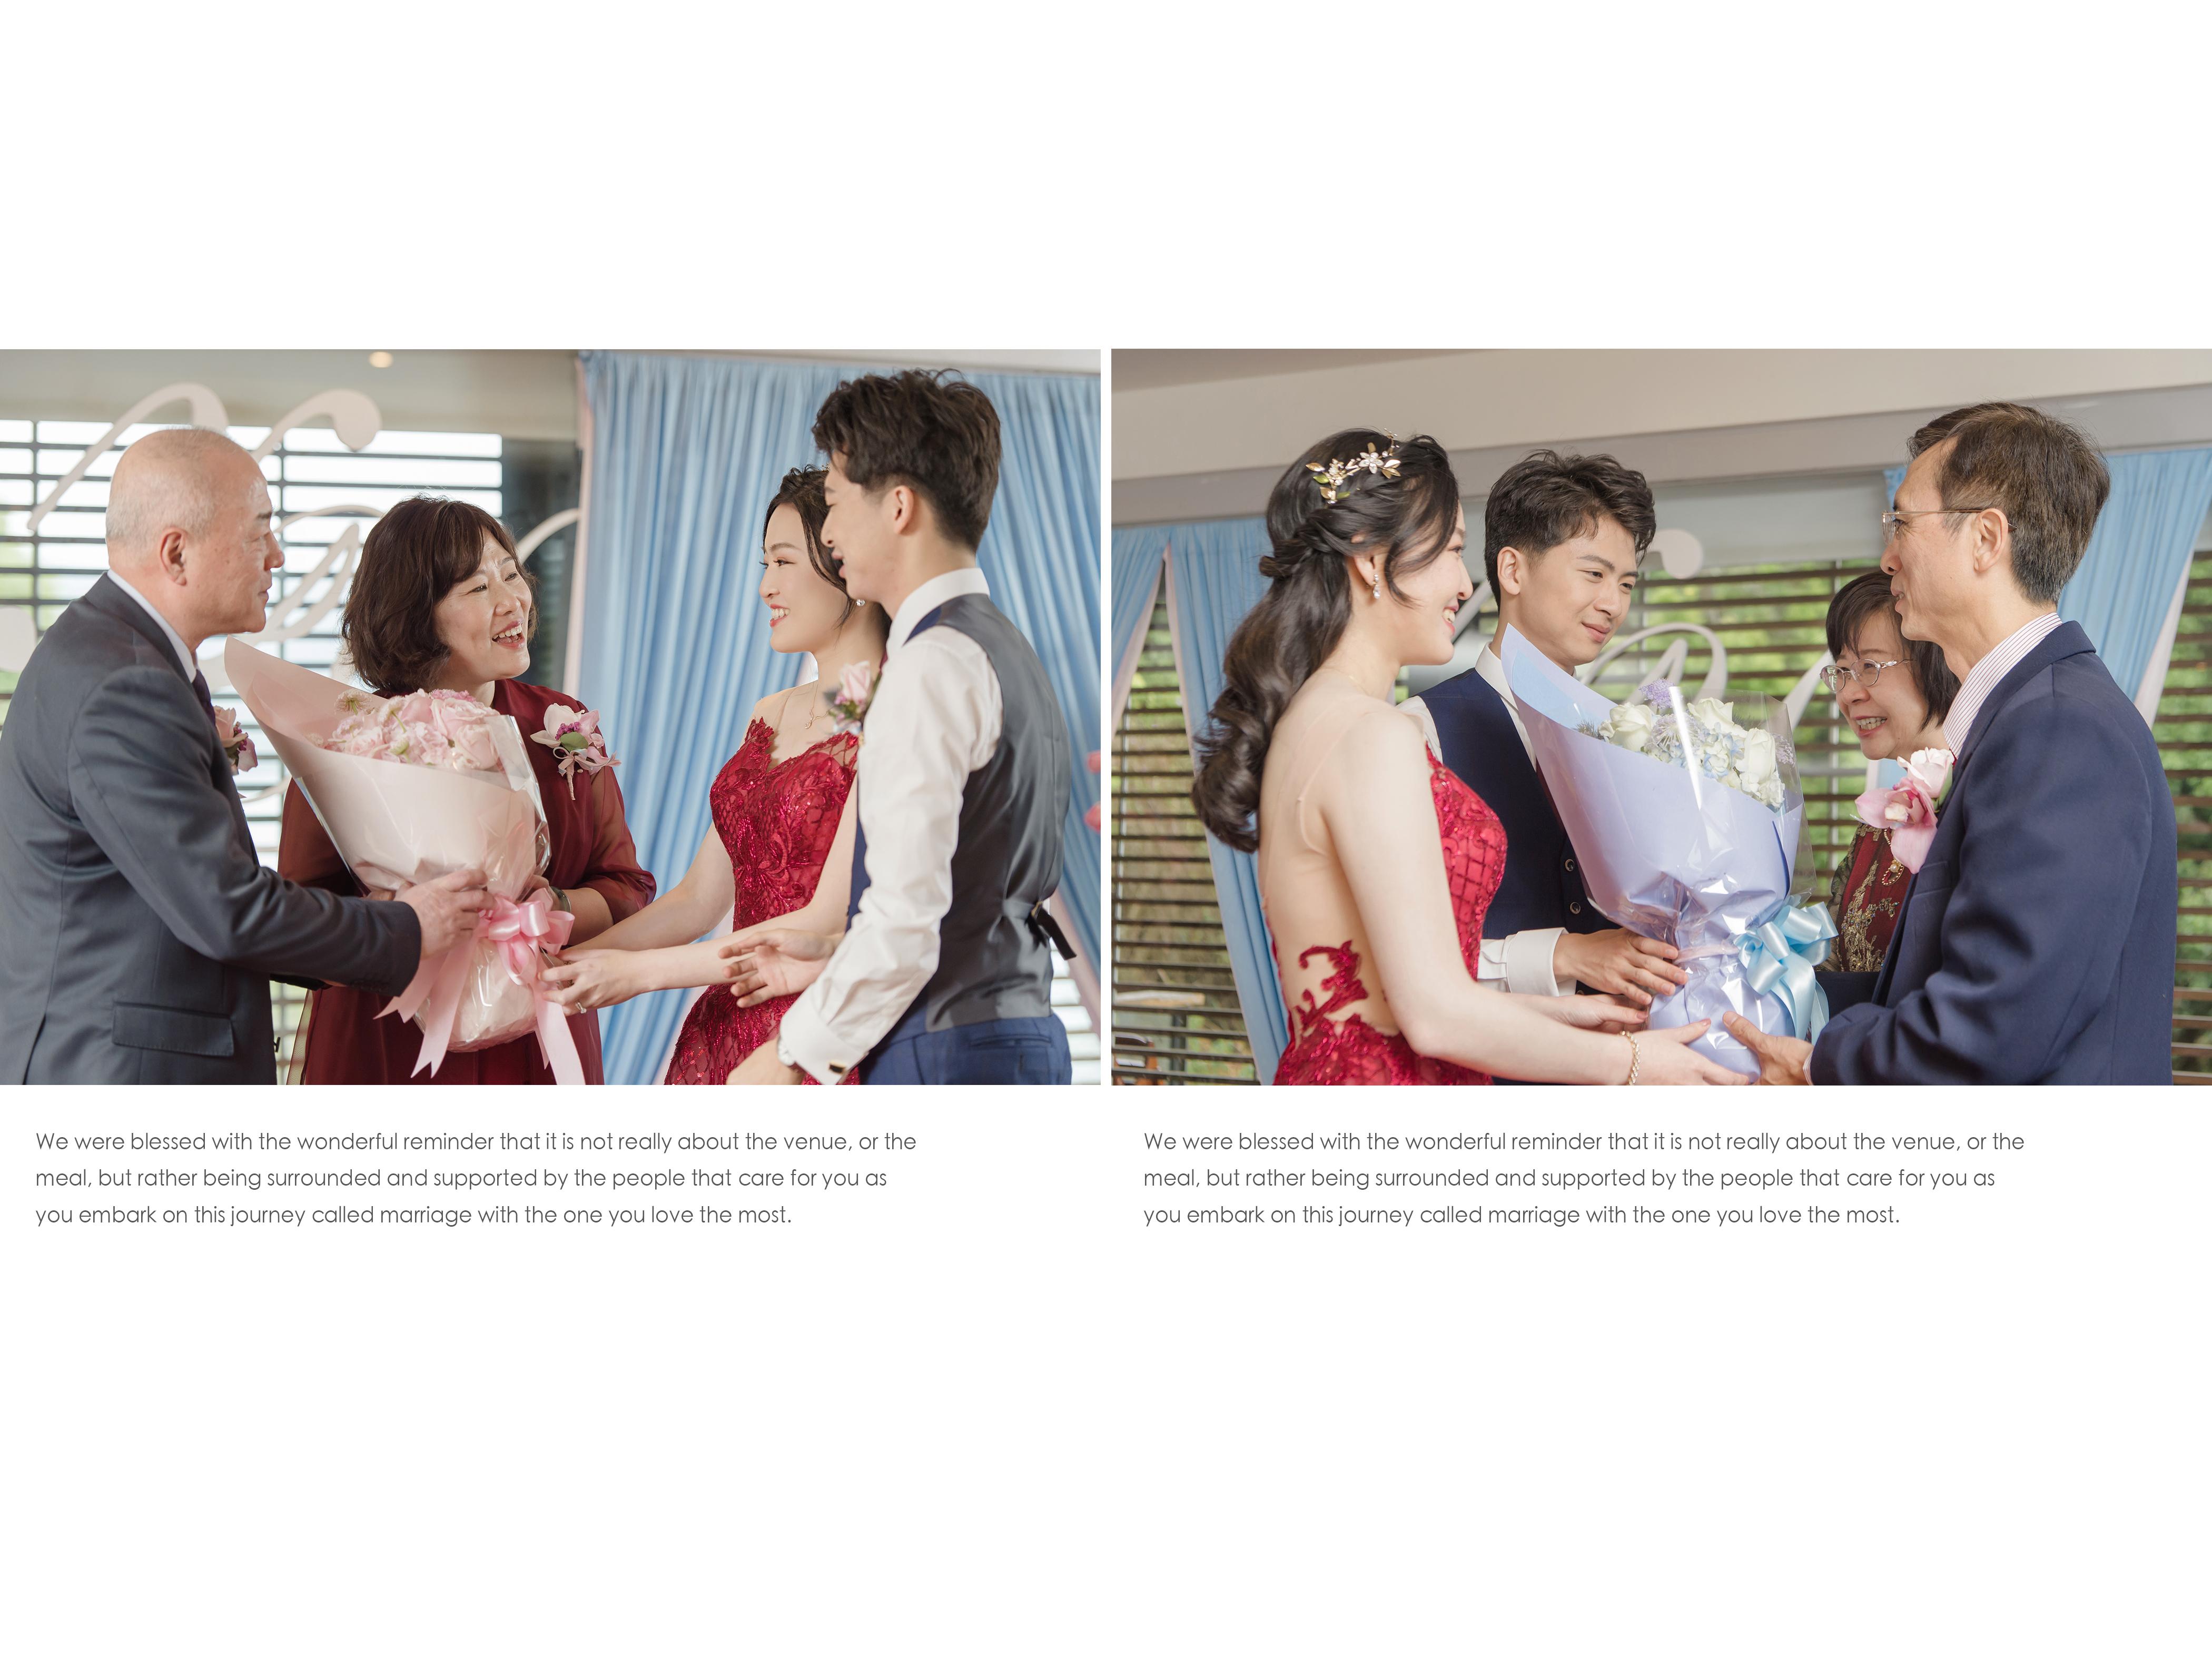 婚攝 日月潭 涵碧樓 戶外證婚 婚禮紀錄 推薦婚攝 JSTUDIO_0145